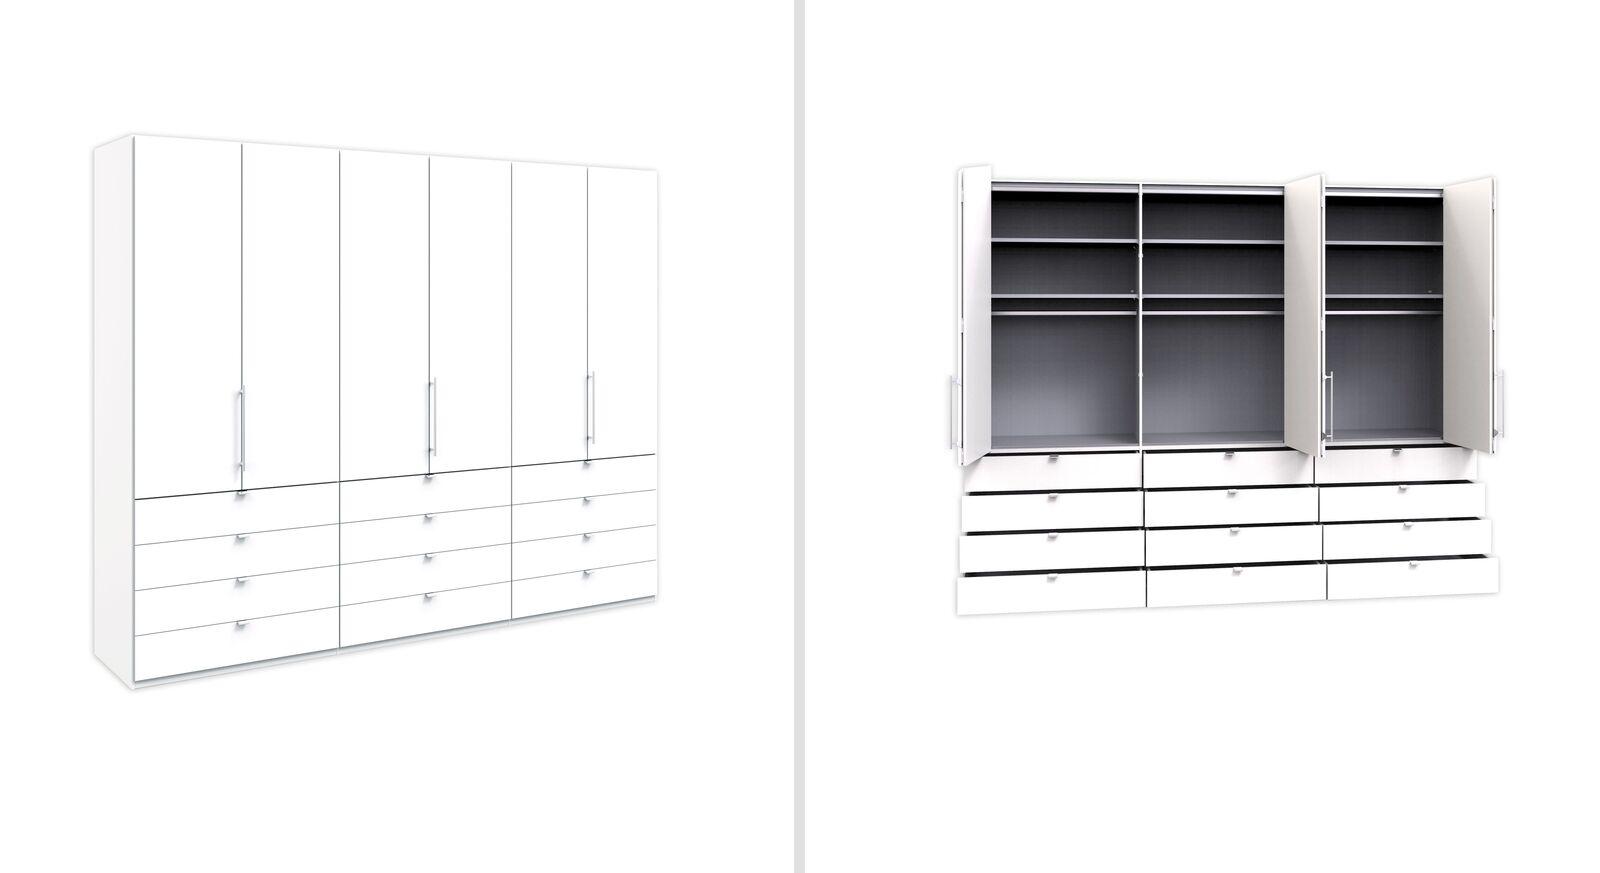 Funktions-Kleiderschrank Salford 300 cm mit Auszügen außen und mittig